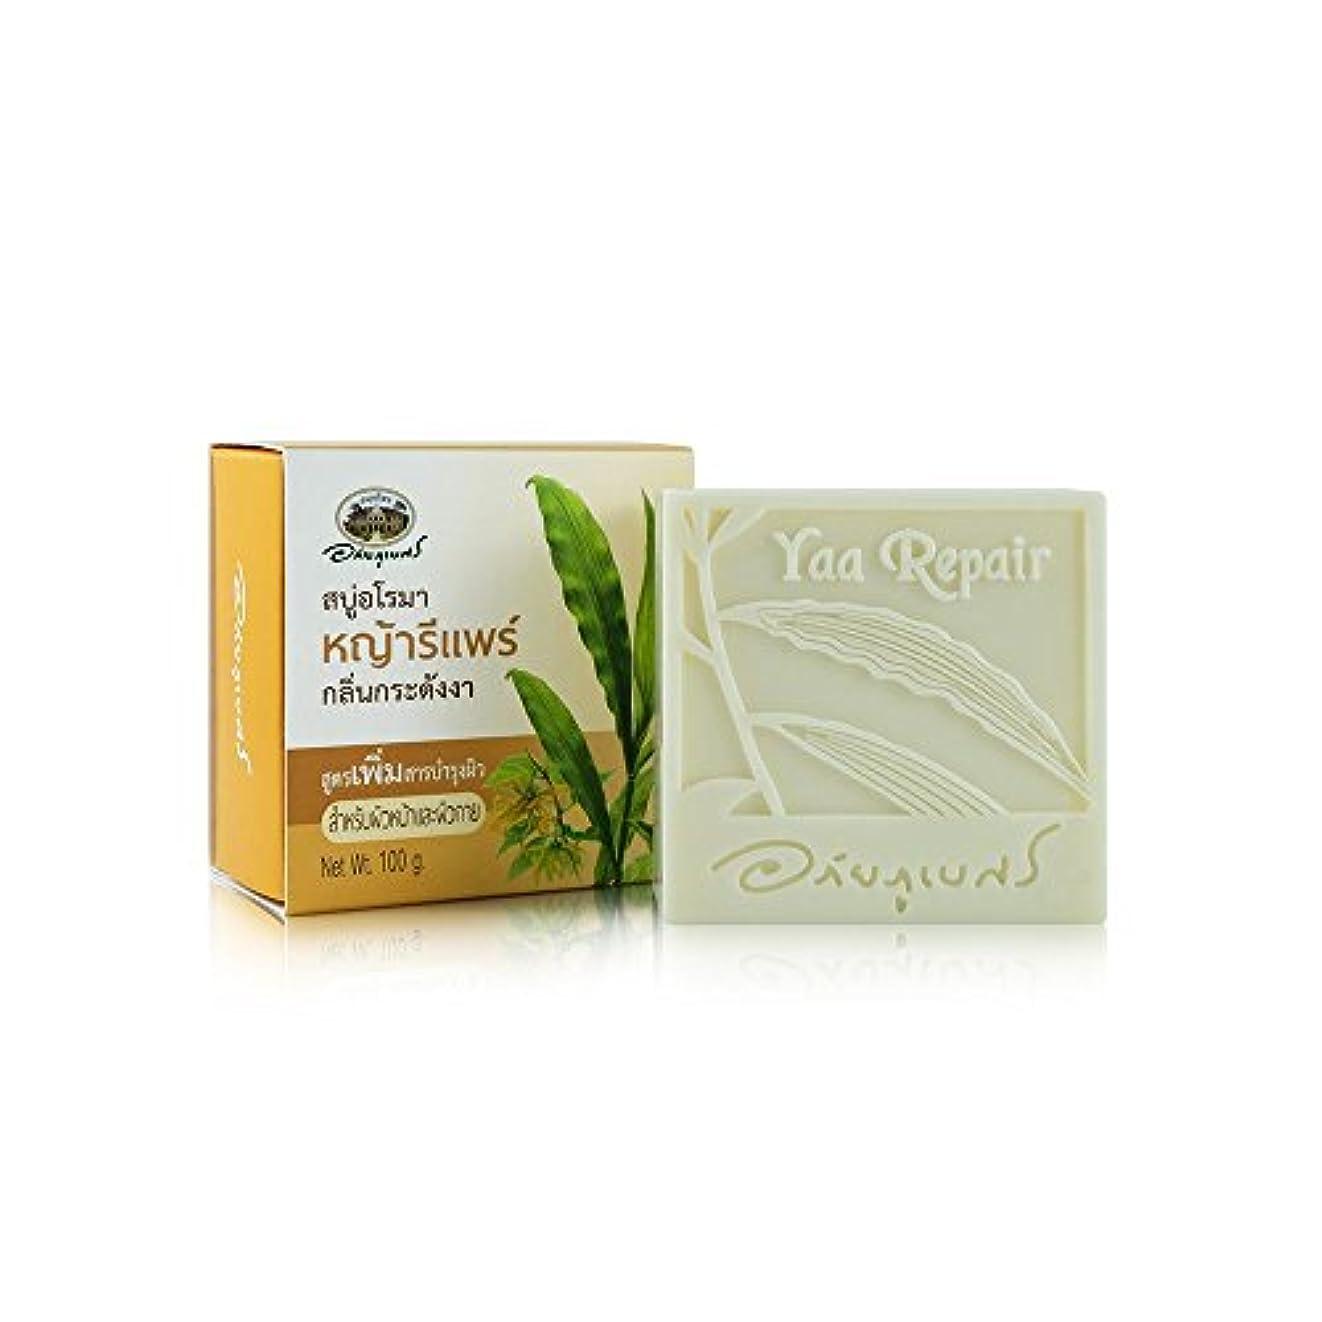 必要性鍔通訳Abhaibhubejhr Thai Aromatherapy With Ylang Ylang Skin Care Formula Herbal Body Face Cleaning Soap 100g.